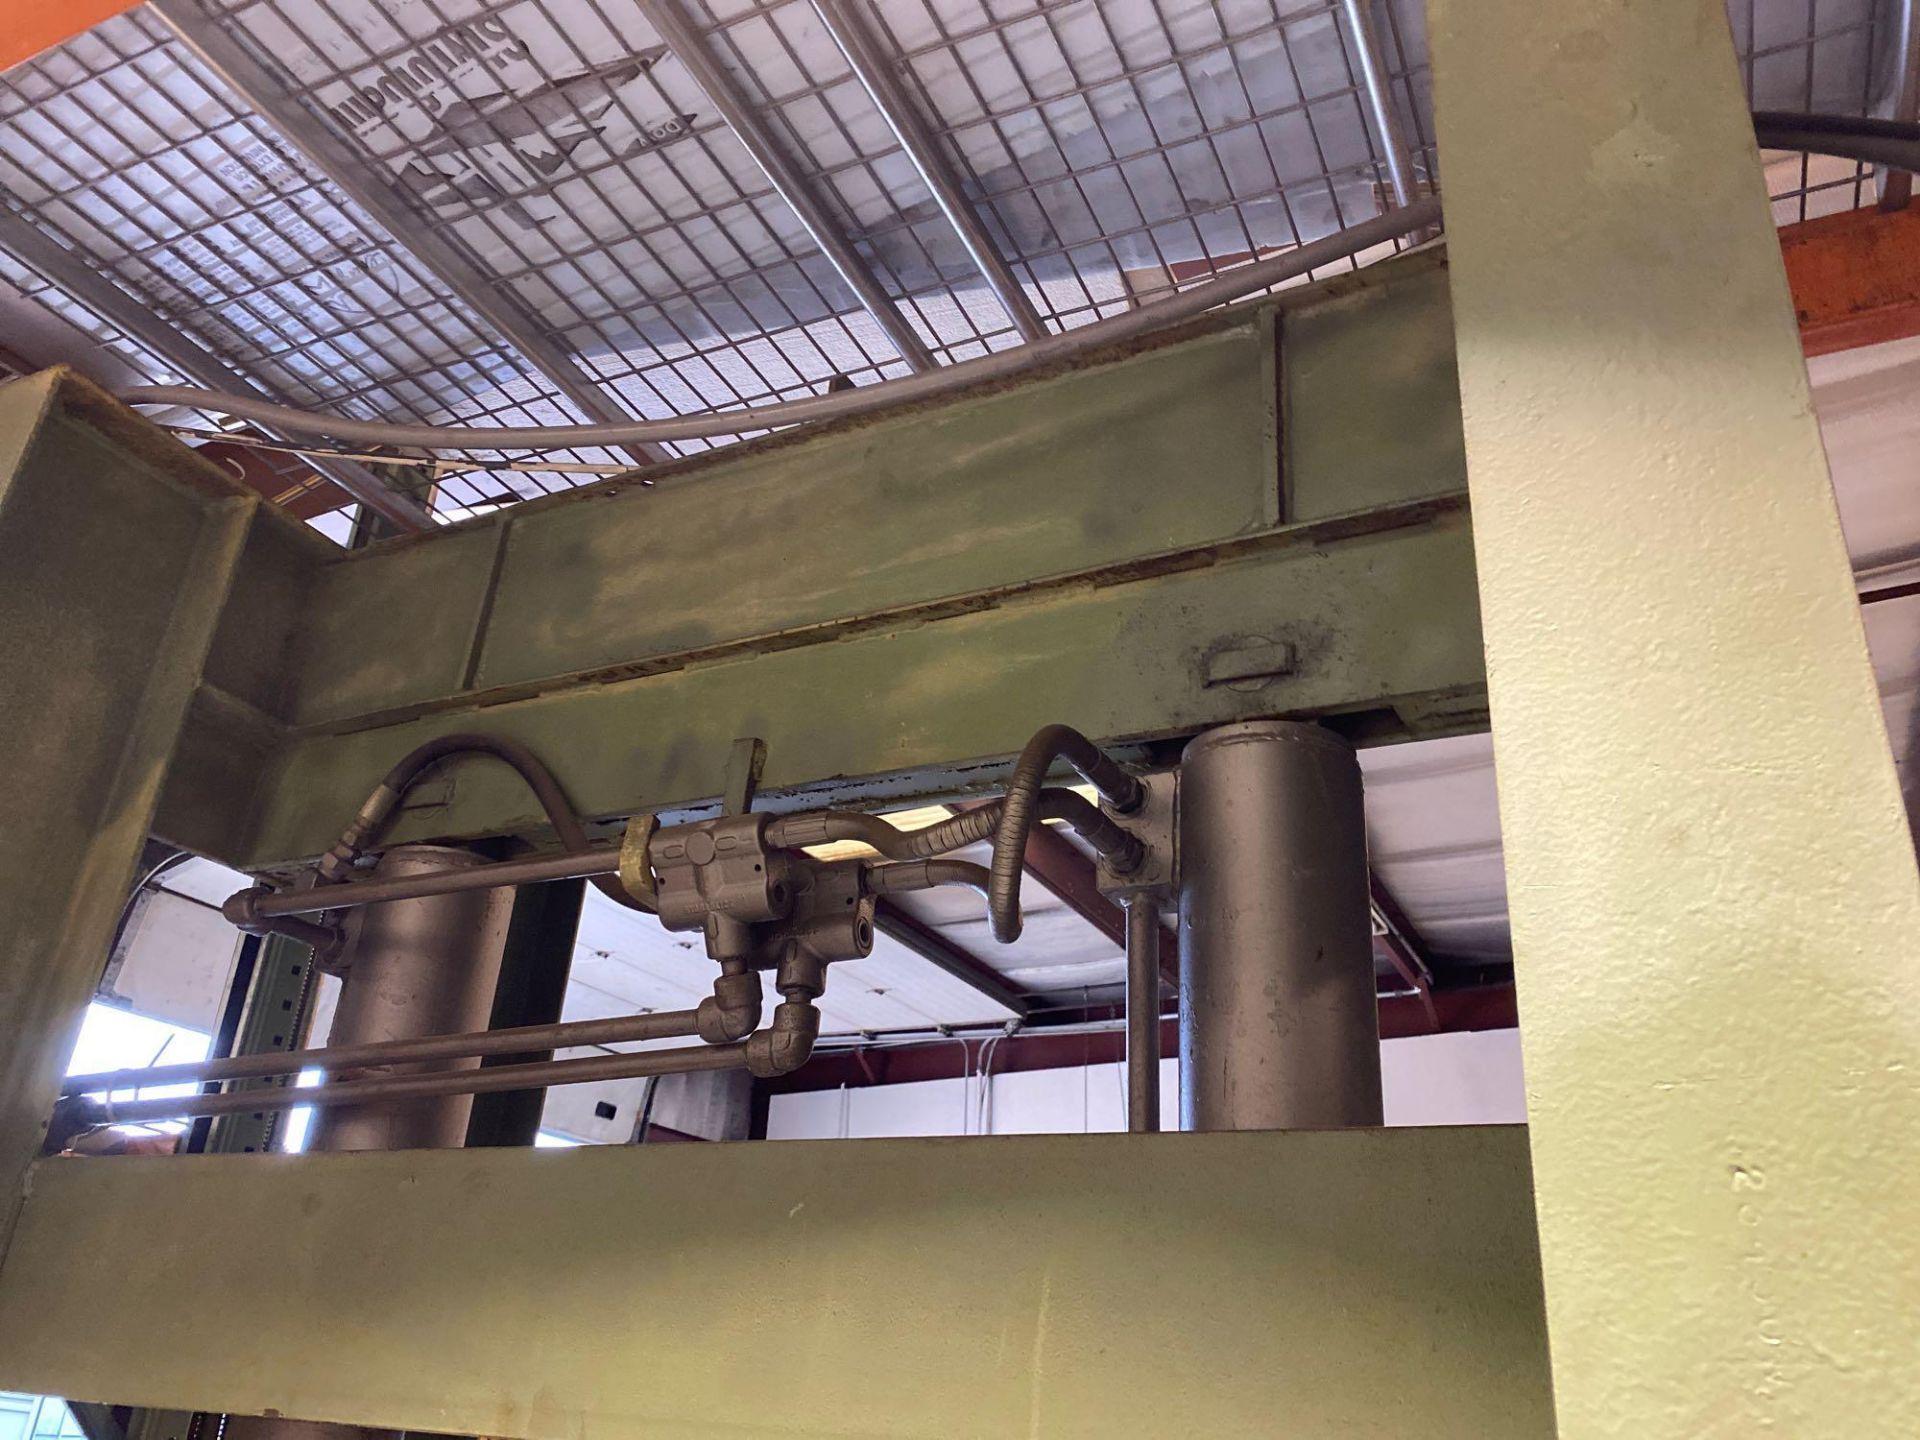 60 + Metal Press Brake - Image 10 of 10